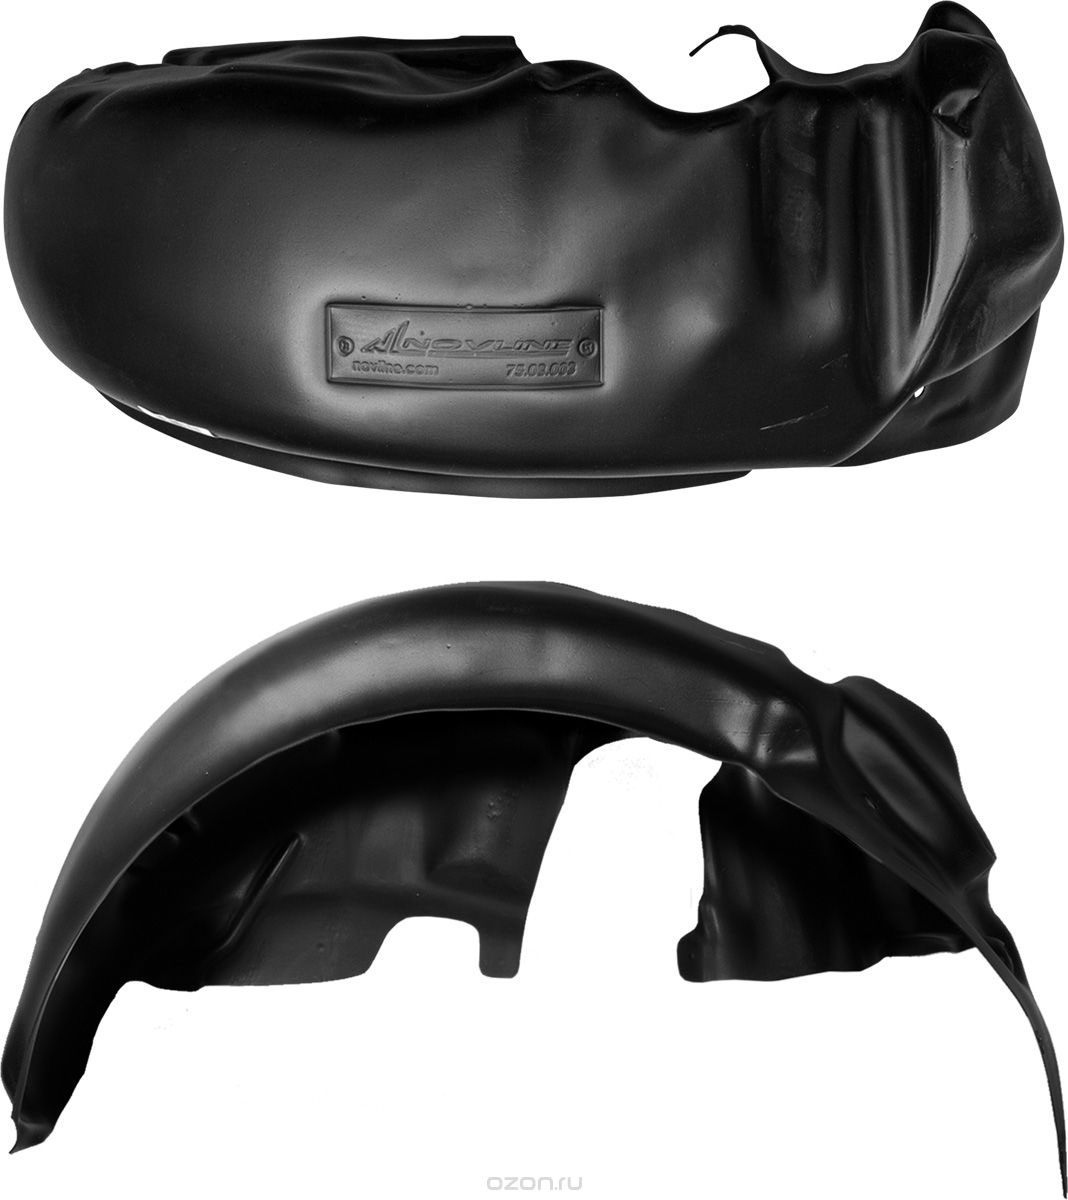 Подкрылок Novline-Autofamily, для Toyota Auris, 03/2007-2013, передний левыйNLL.48.16.001Идеальная защита колесной ниши. Локеры разработаны с применением цифровых технологий, гарантируют максимальную повторяемость поверхности арки. Изделия устанавливаются без нарушения лакокрасочного покрытия автомобиля, каждый подкрылок комплектуется крепежом. Уважаемые клиенты, обращаем ваше внимание, что фотографии на подкрылки универсальные и не отражают реальную форму изделия. При этом само изделие идет точно под размер указанного автомобиля.